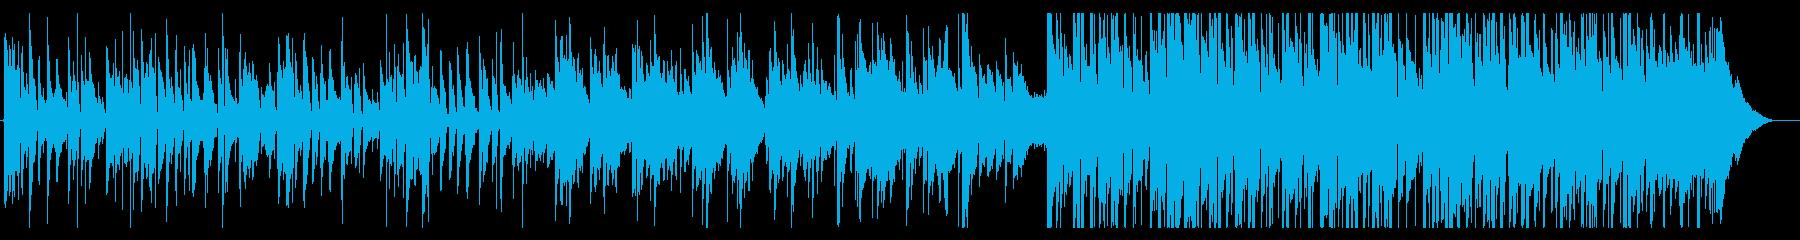 生演奏アコギ、優しい曲の再生済みの波形